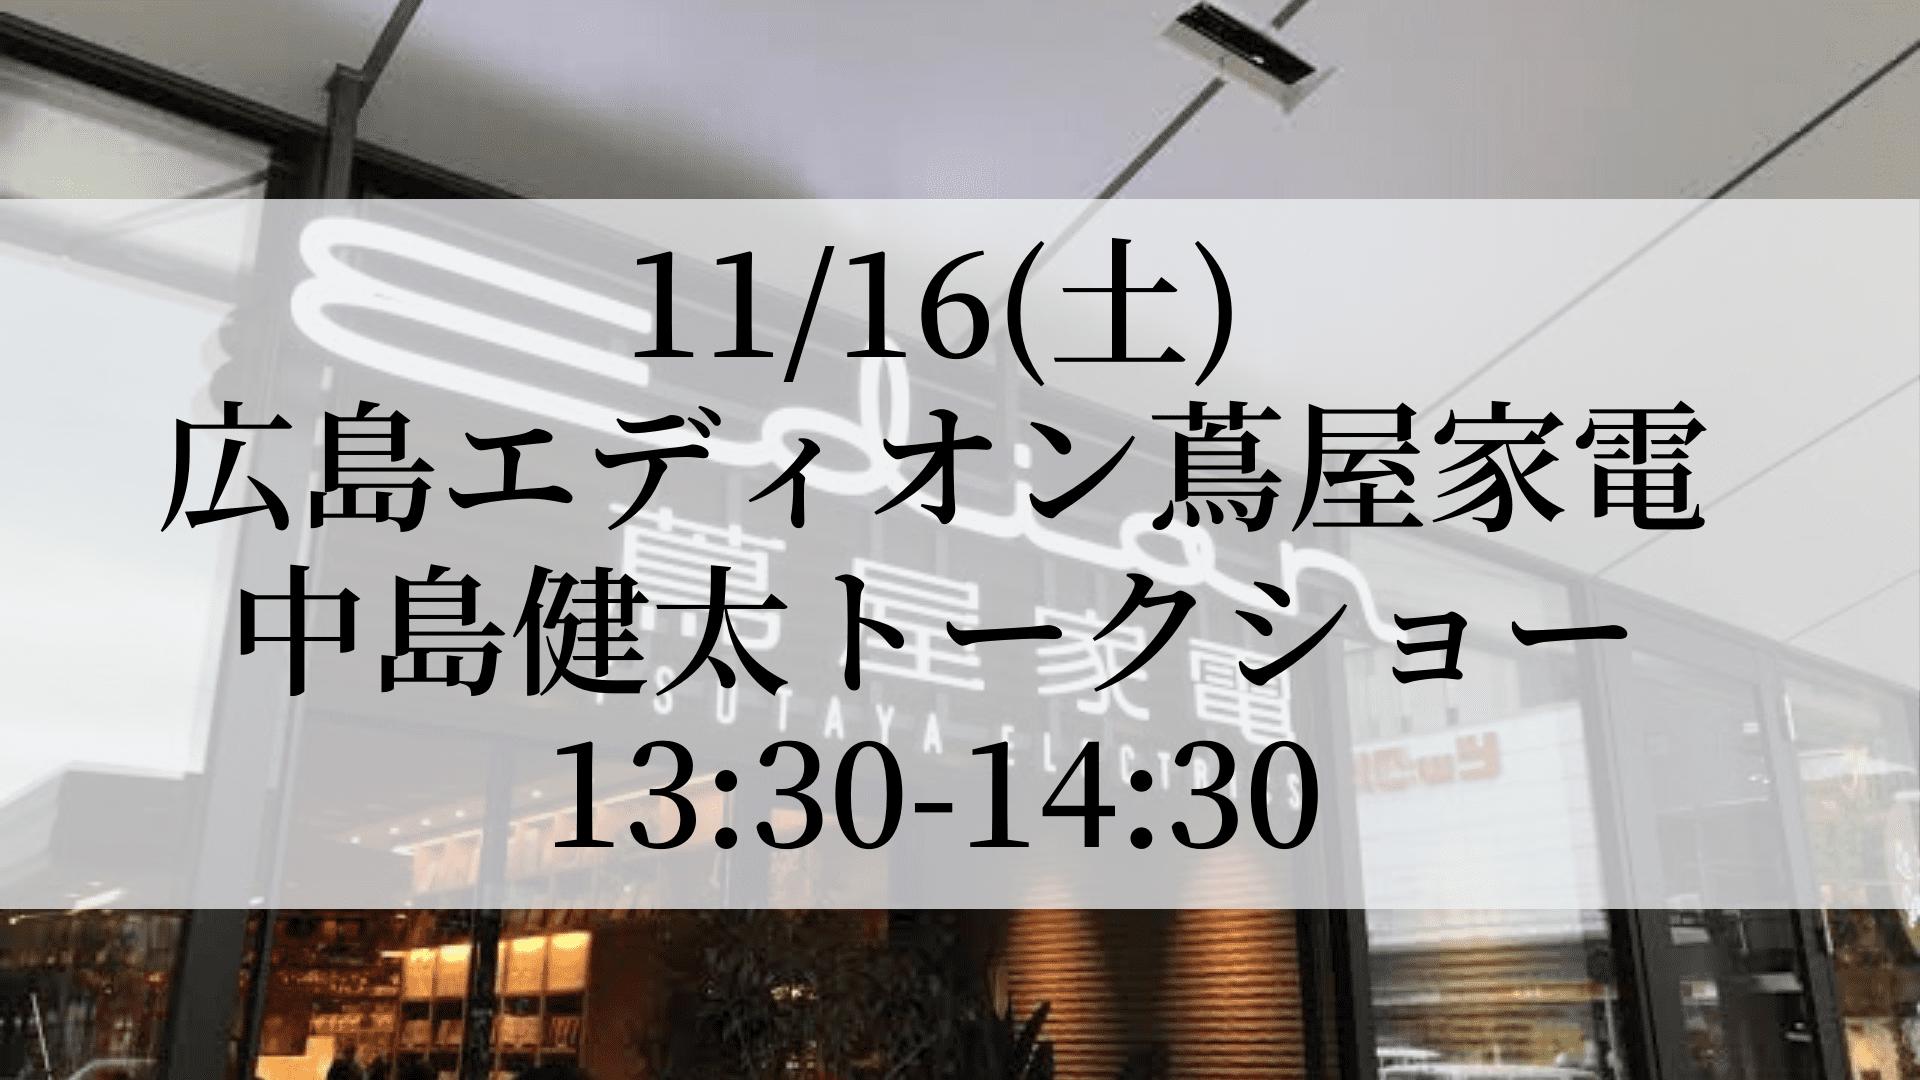 【広島蔦屋家電】~画家として生きるために~ 中島健太トークショー&サイン会